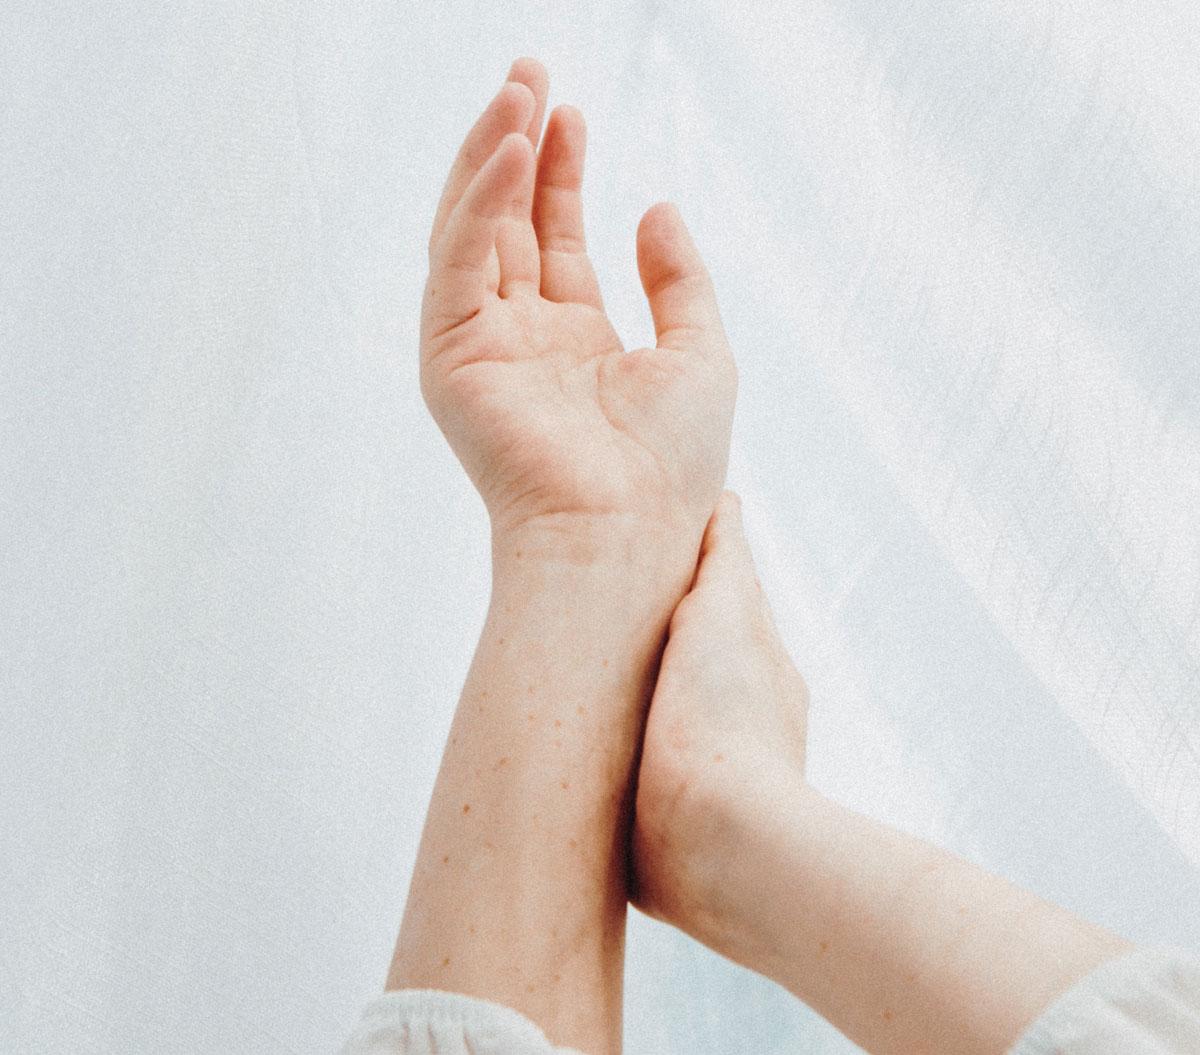 Liideste valud toitumine Olataimede artroosi ravi